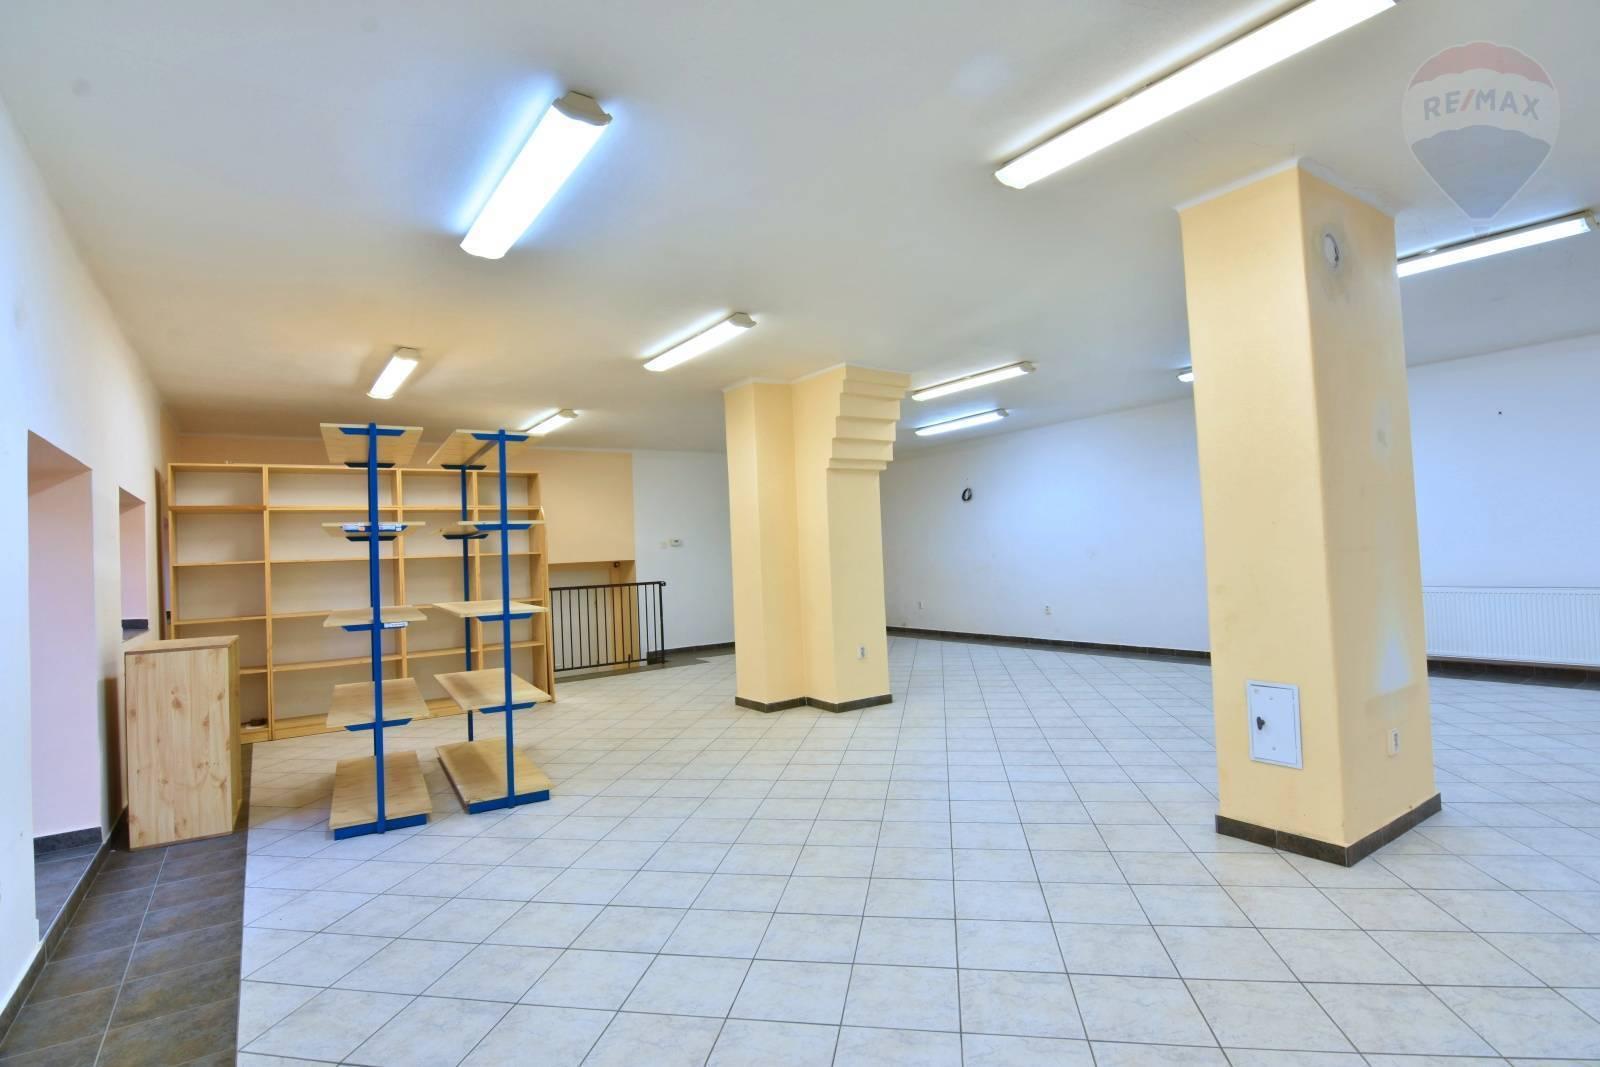 Prenájom komerčného priestoru 110 m2, Nitrianske Pravno - Obchodný priestor Nitrianske Pravno